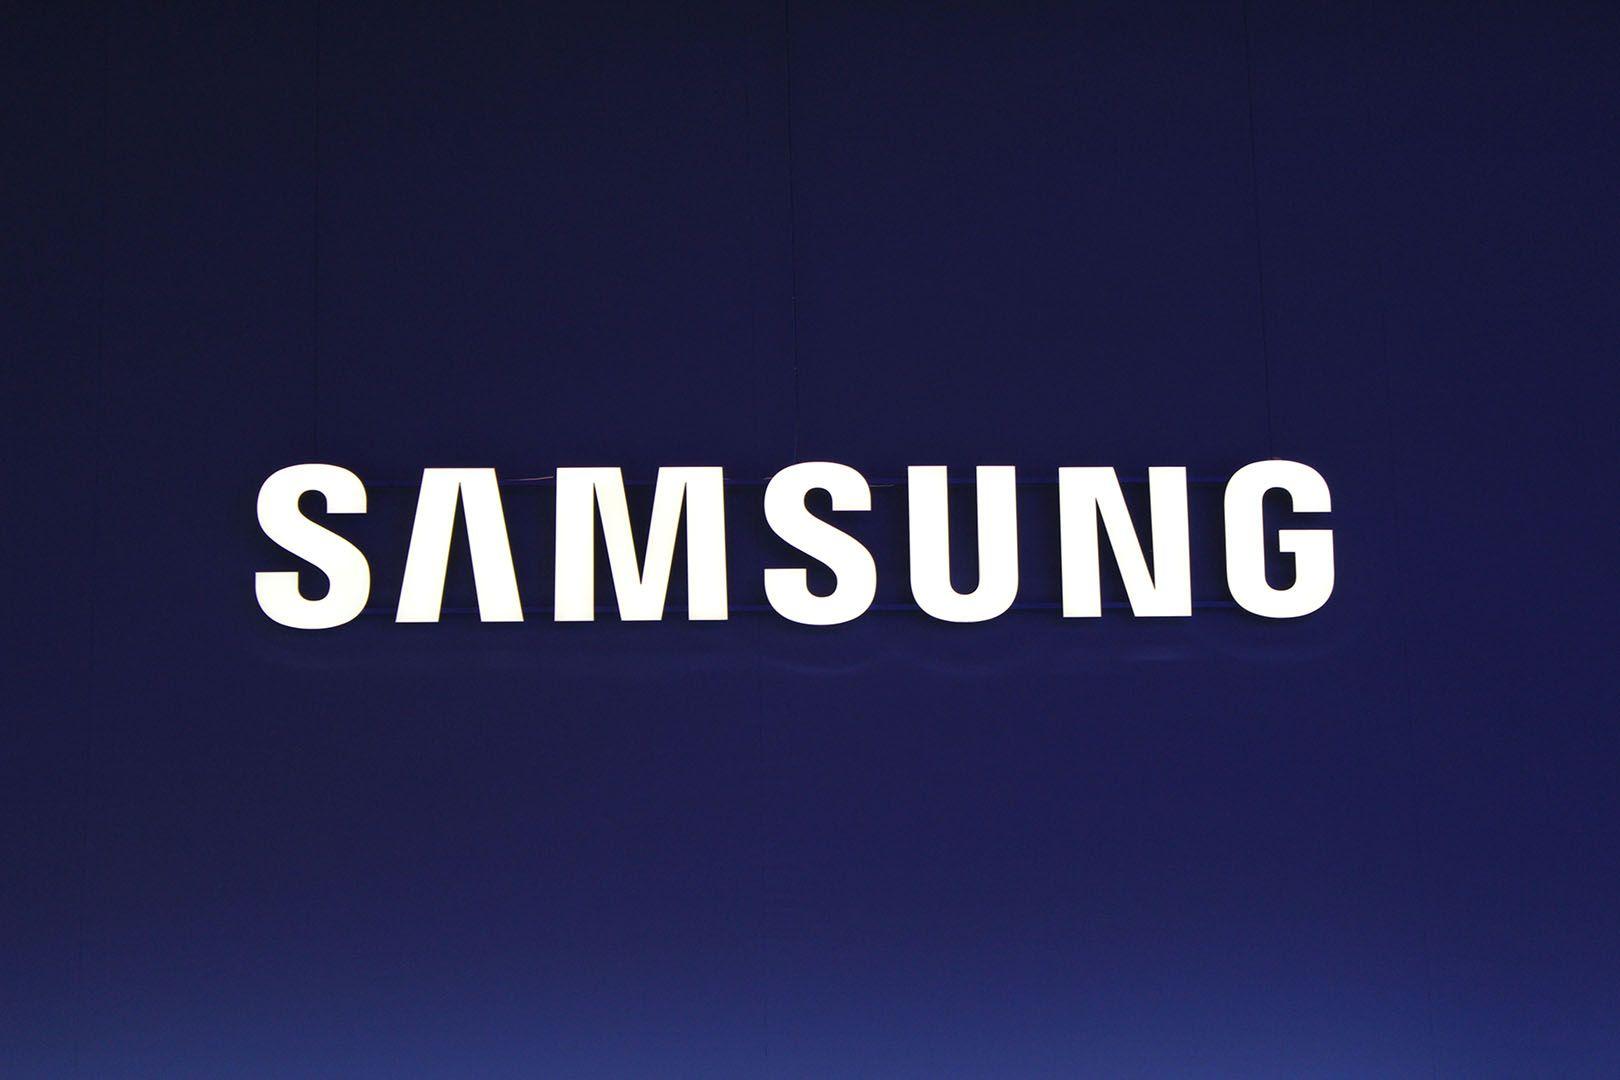 samsung logo vector. samsung chelsea logo png - recherche google vector